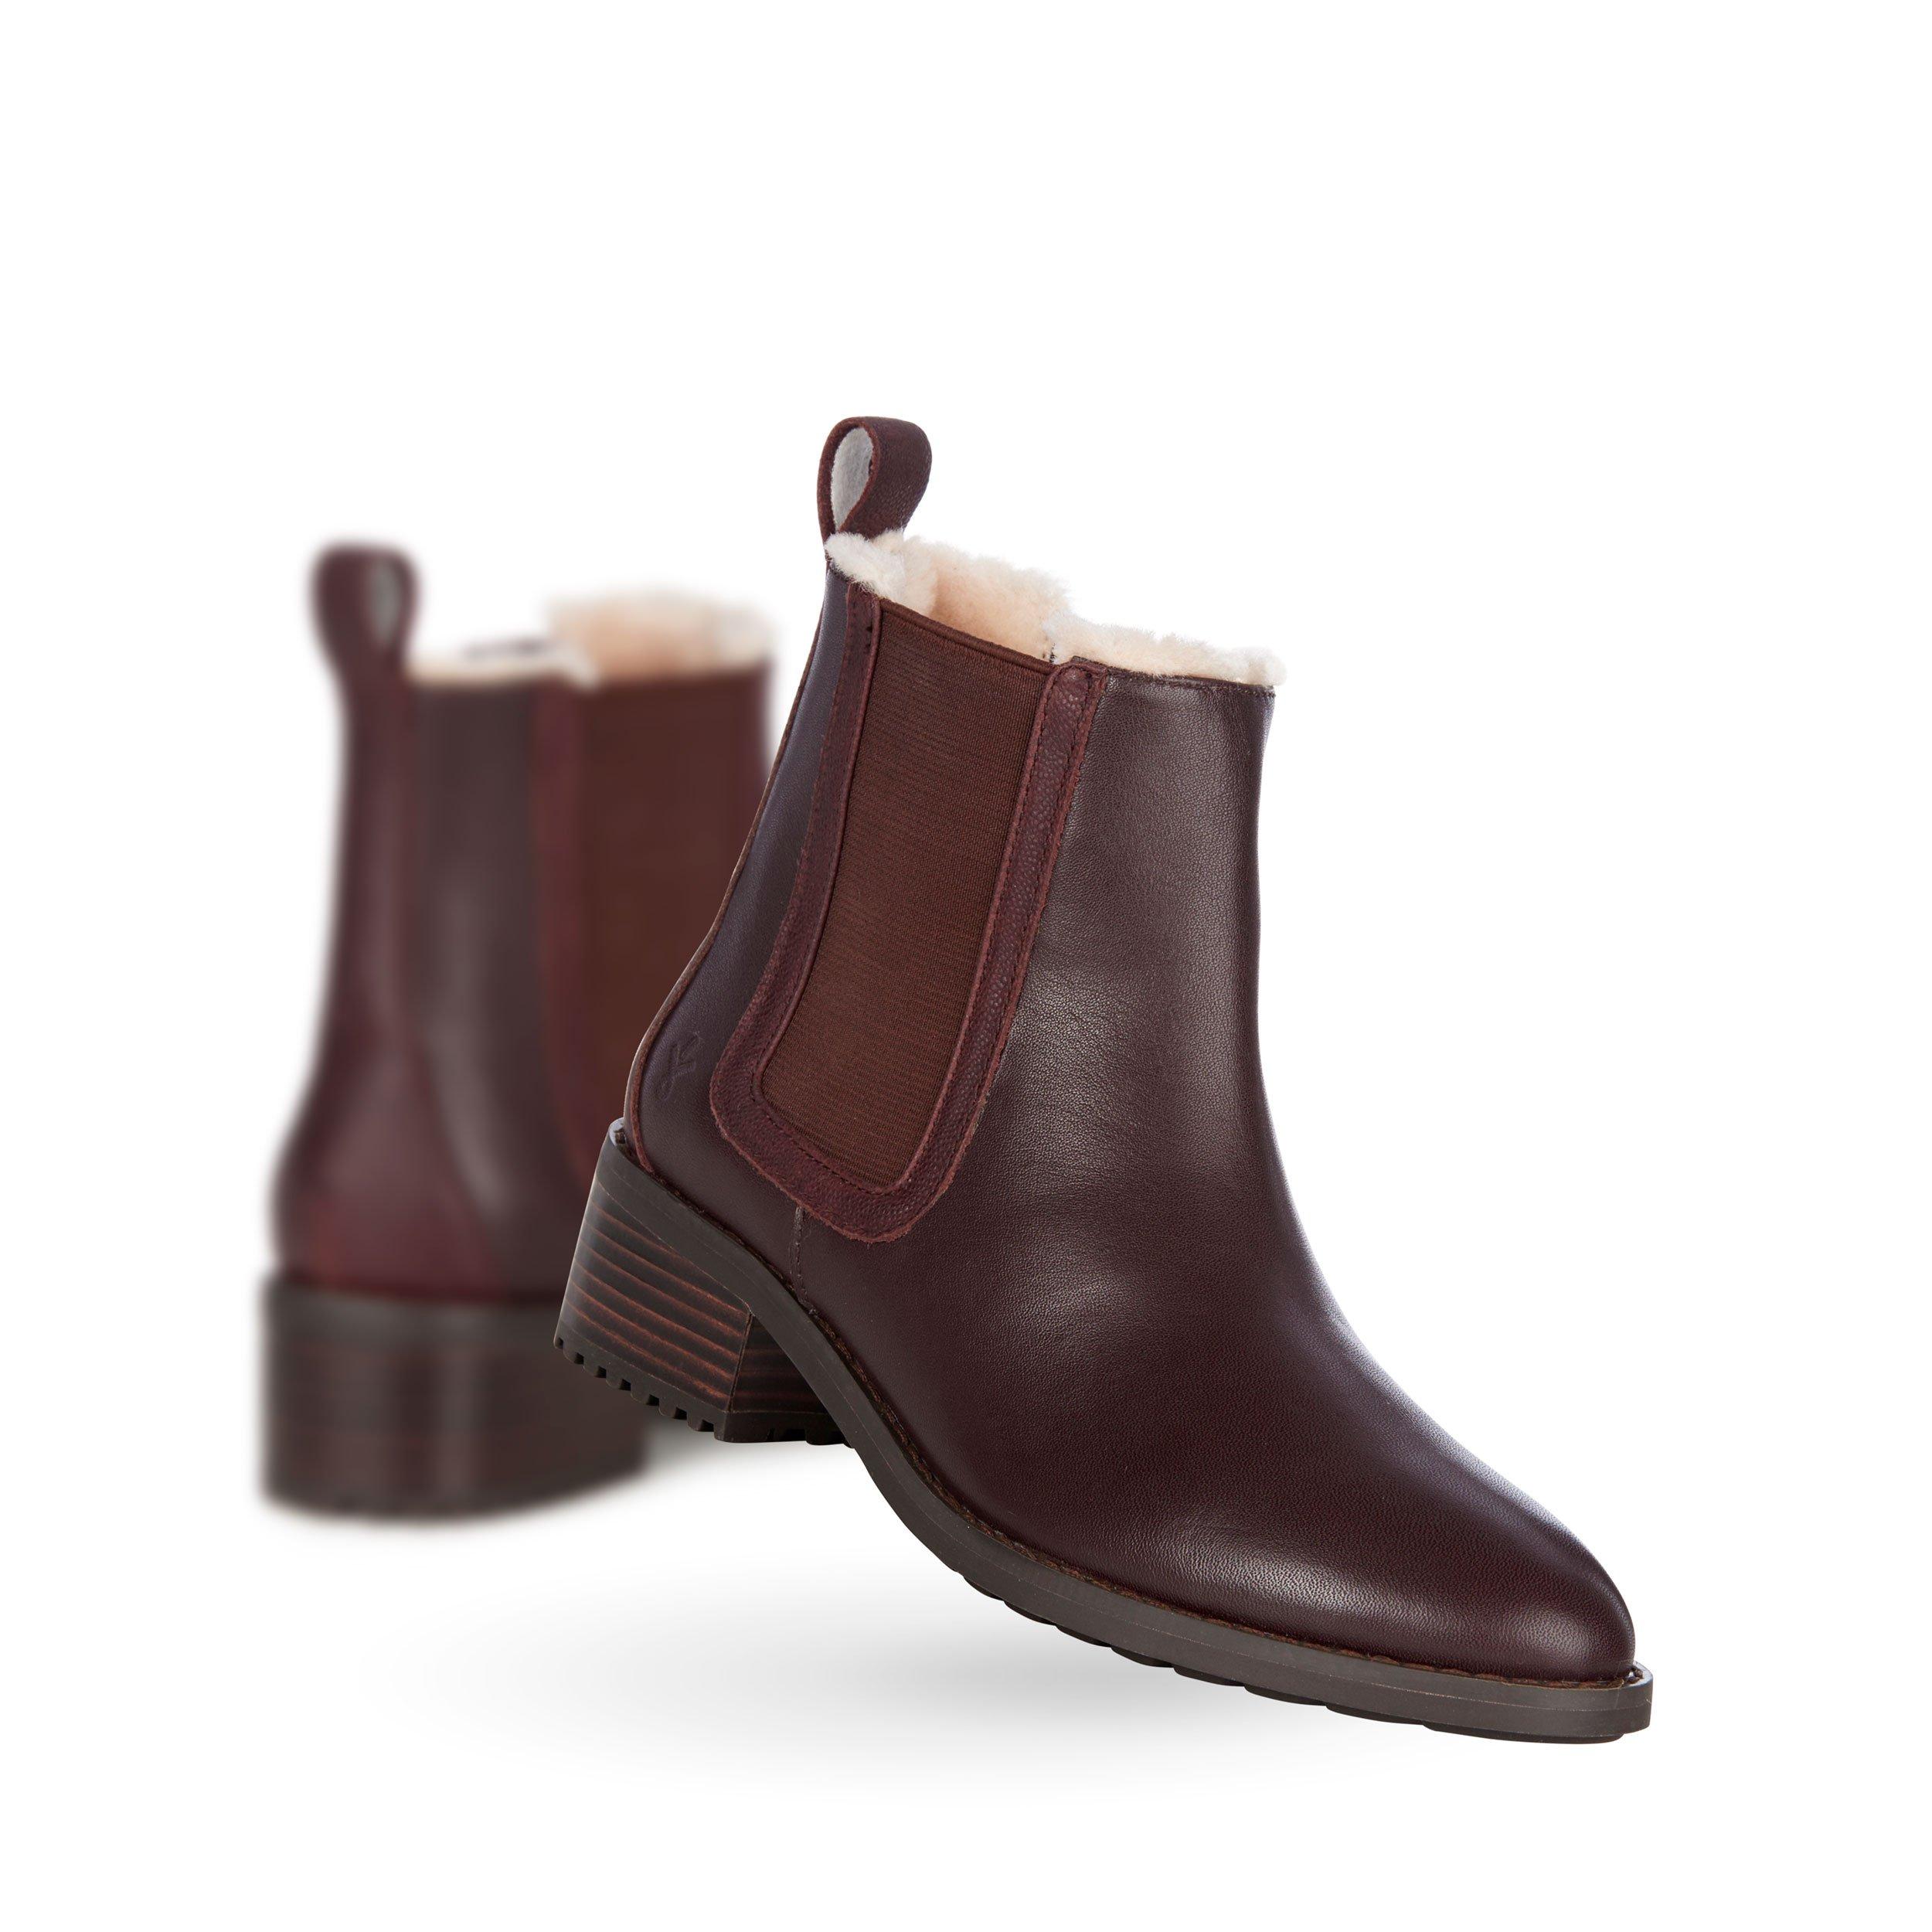 EMU Australia Ellin Womens Deluxe Wool Waterproof Boots in Claret Size 9